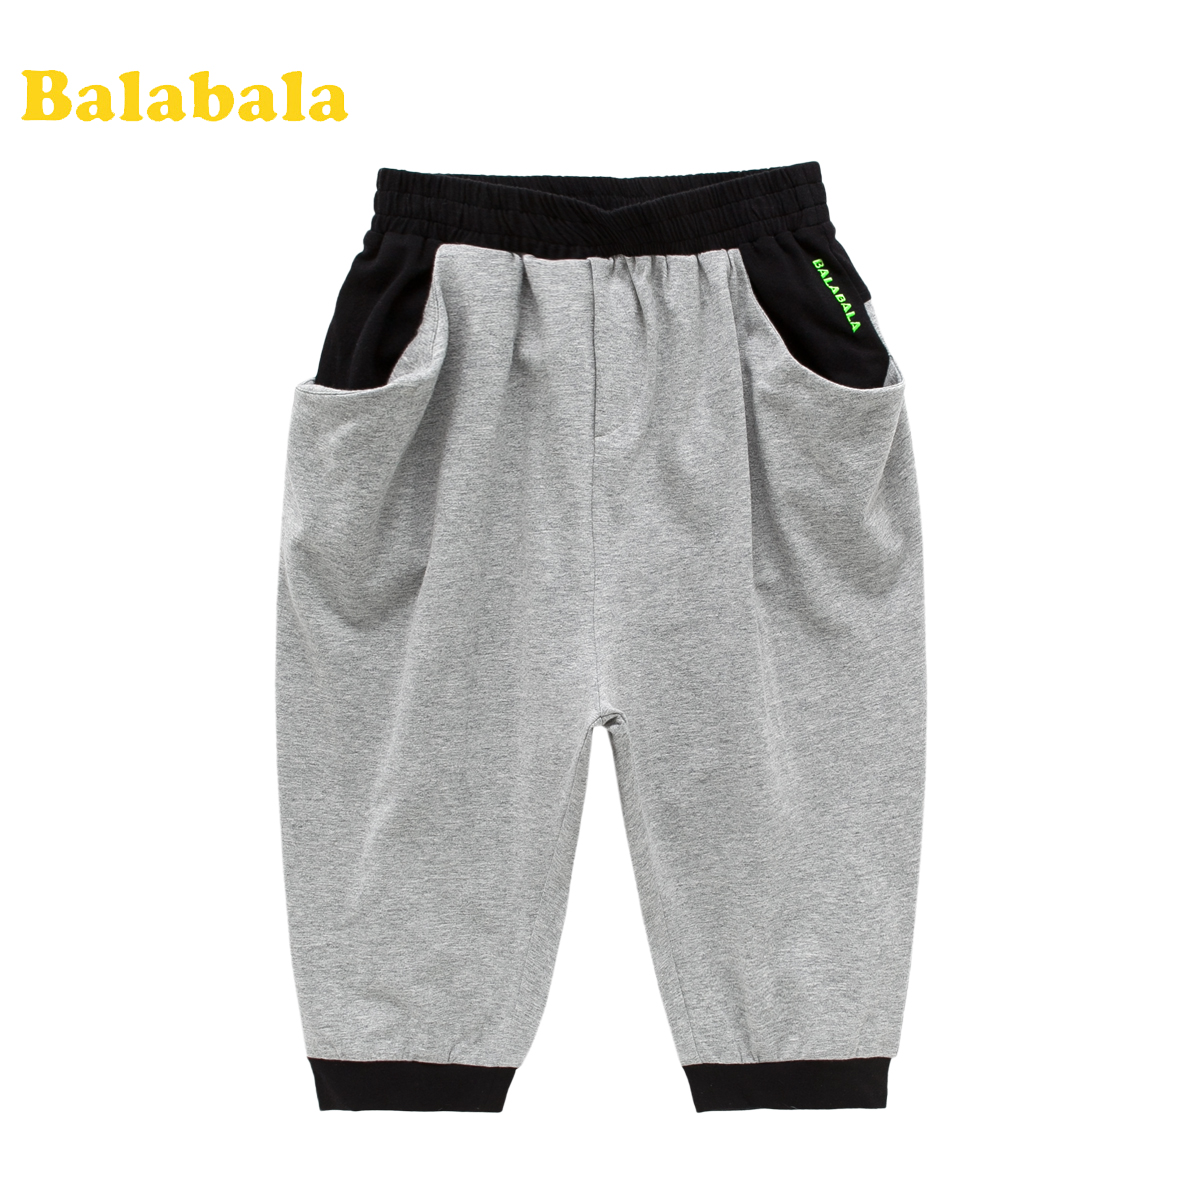 巴拉巴拉 balabala 男童七分裤 儿童休闲百搭短裤子 2014夏季新款商品